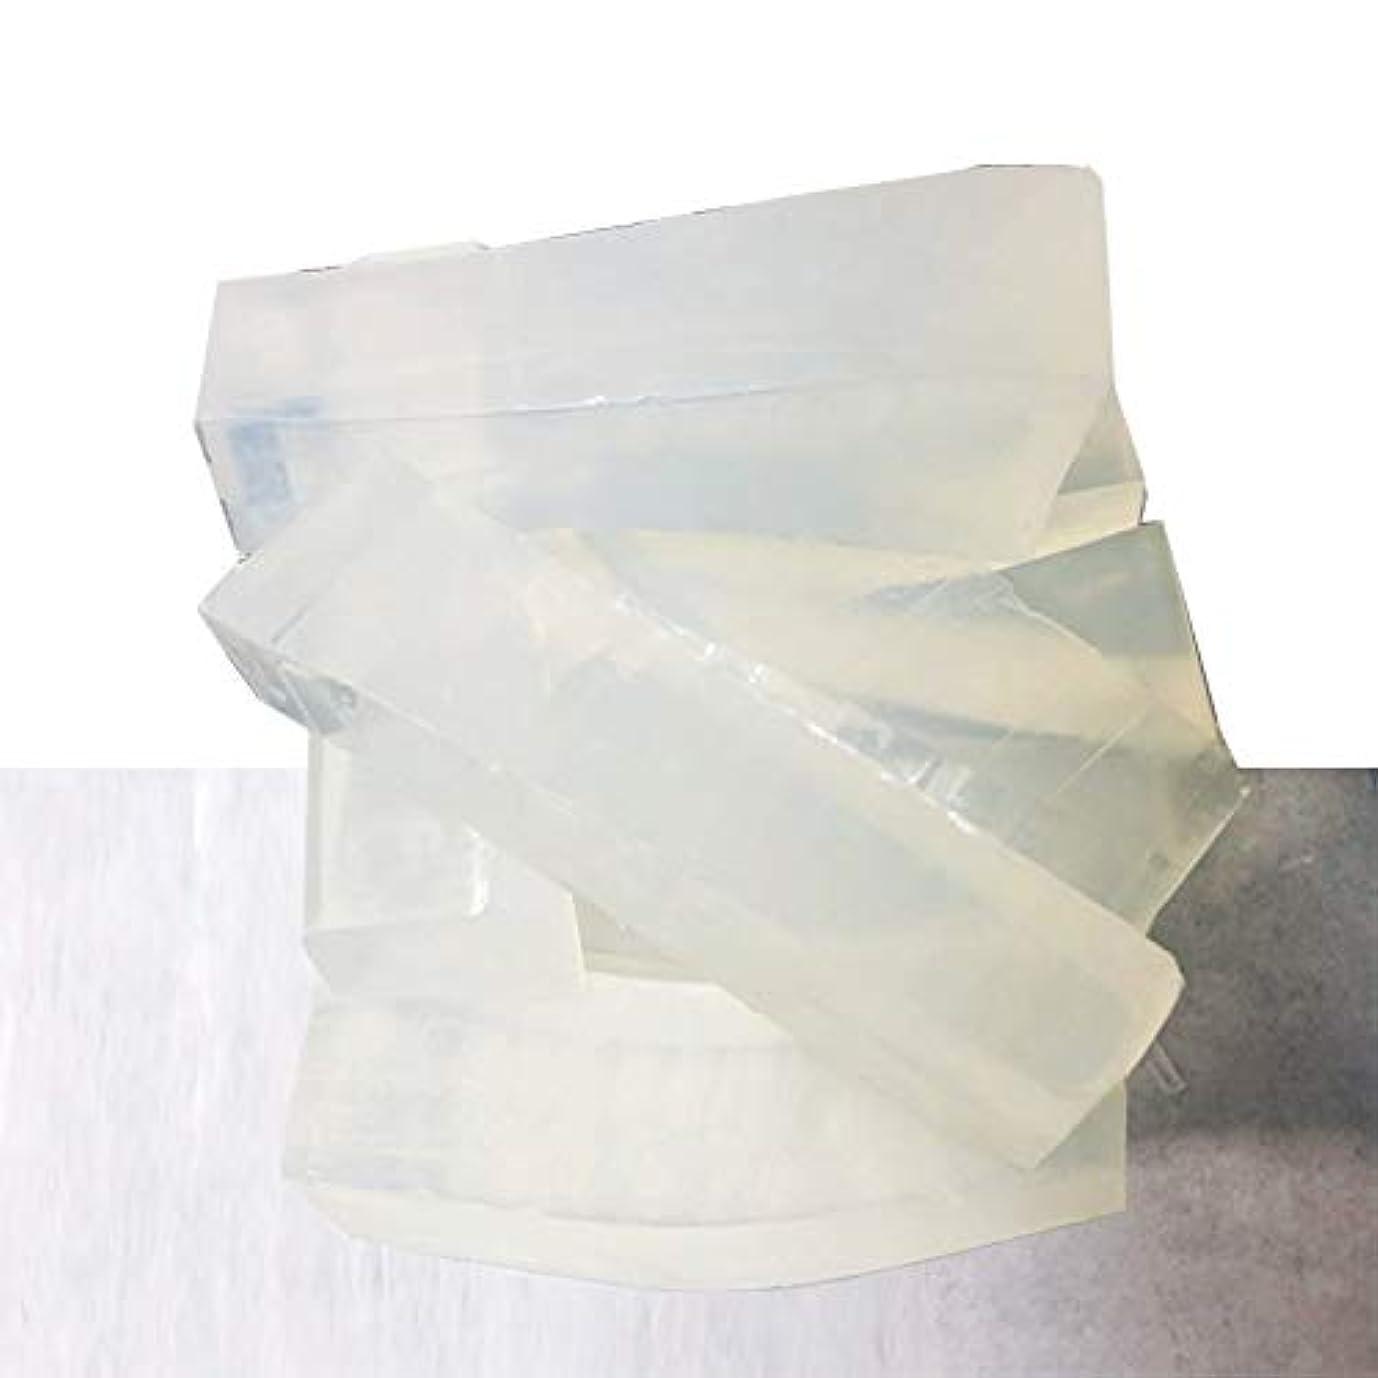 履歴書リベラル枯渇グリセリンソープ(MPソープ)2kg(2,000g)クリア